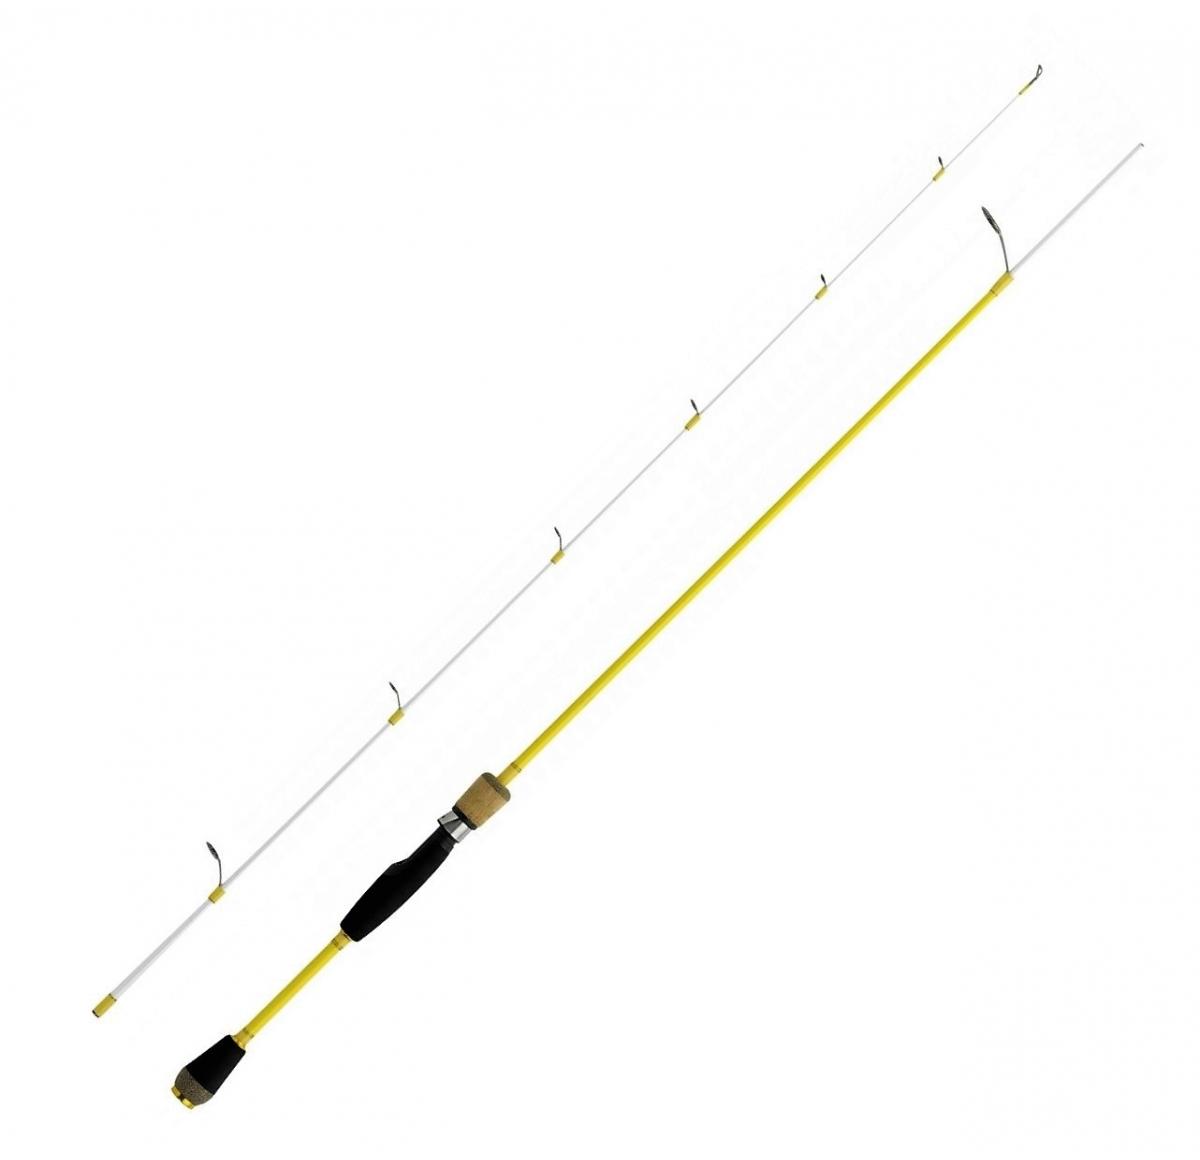 WFT JDM PRO Spin 8-22 g 195 cm